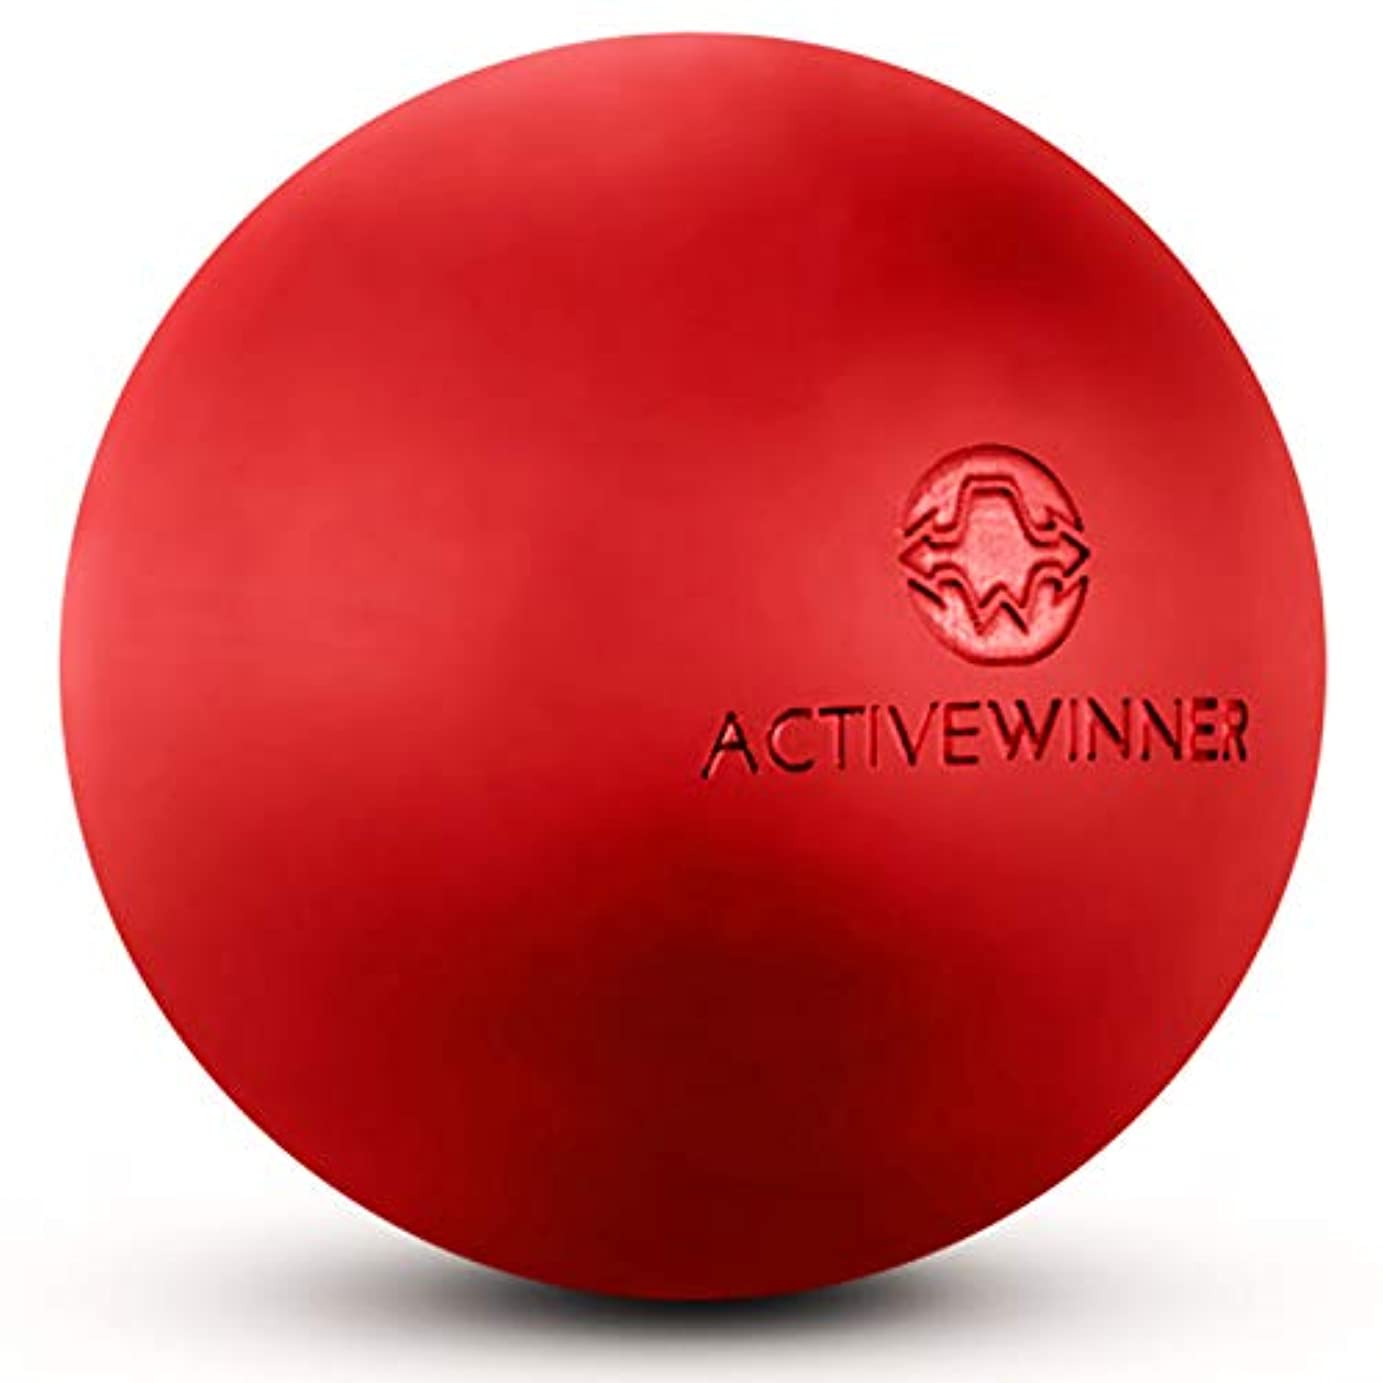 お父さん熱心な作りますActive Winner マッサージボール トリガーポイント (レッド) ストレッチボール 筋膜リリース トレーニング 背中 肩こり 腰 ふくらはぎ 足 ツボ押し